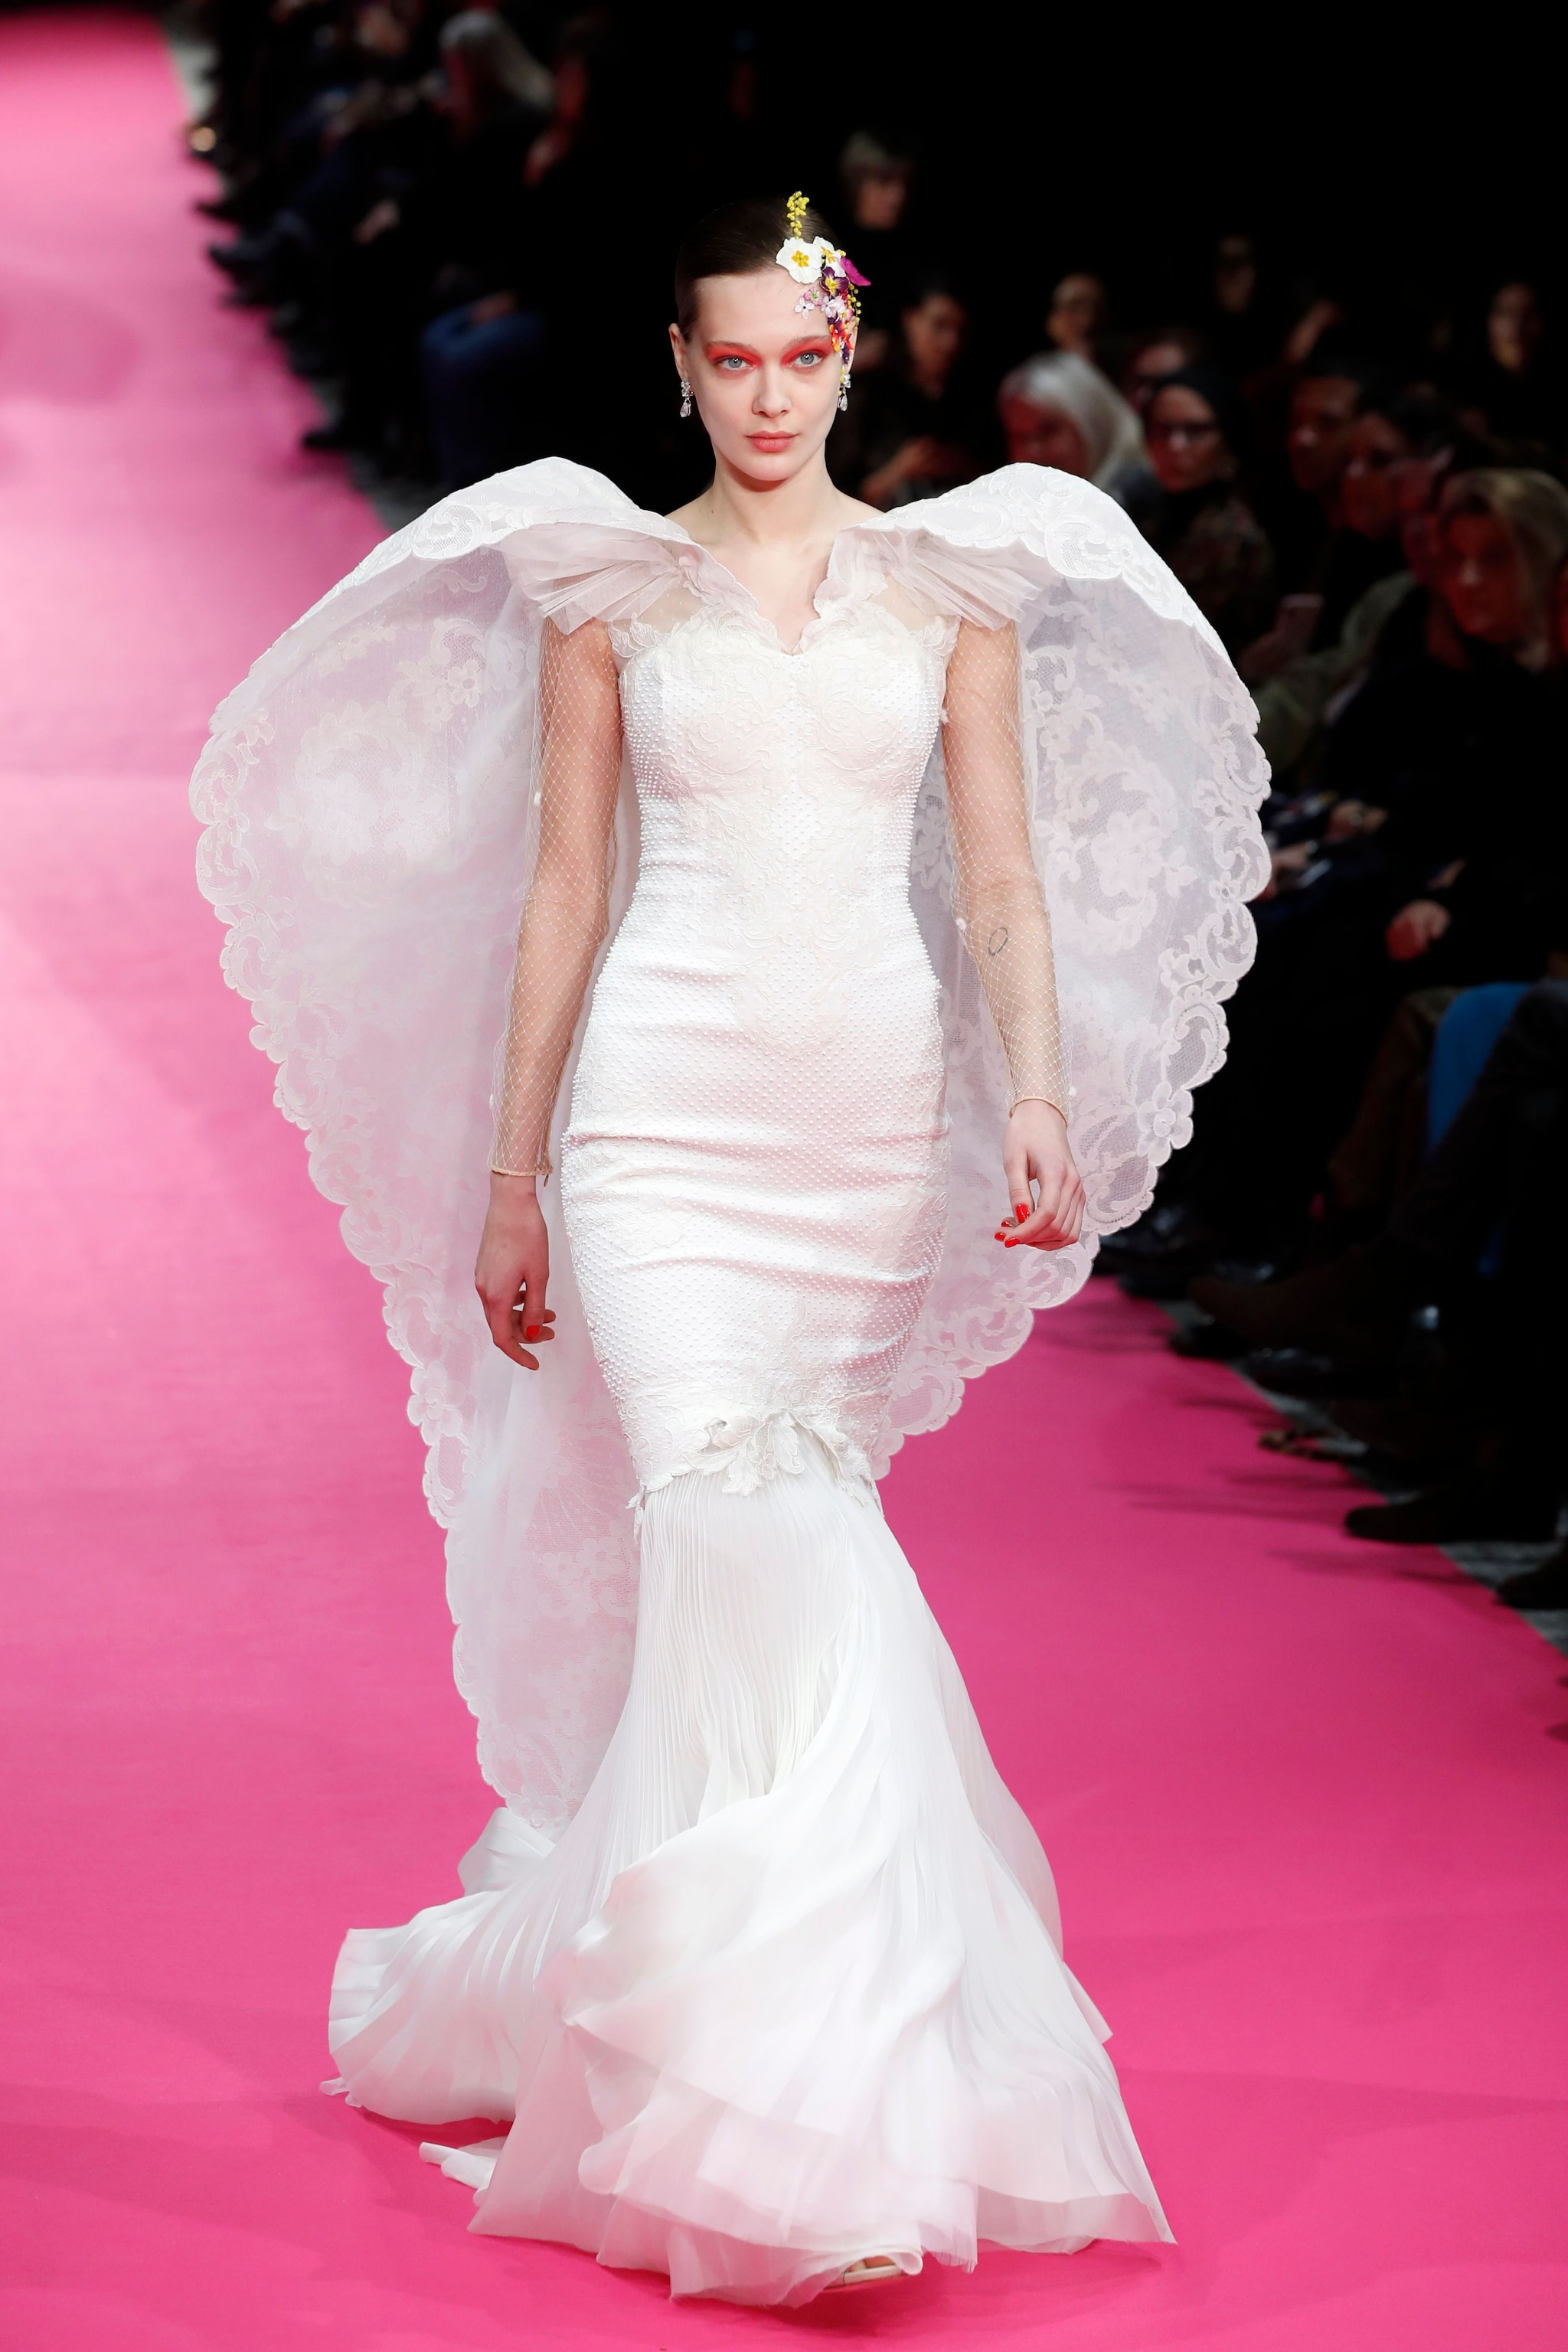 Vestiti Da Sposa Kitsch.Come Scegliere L Abito Da Sposa Perfetto 6 Modelli Per Il